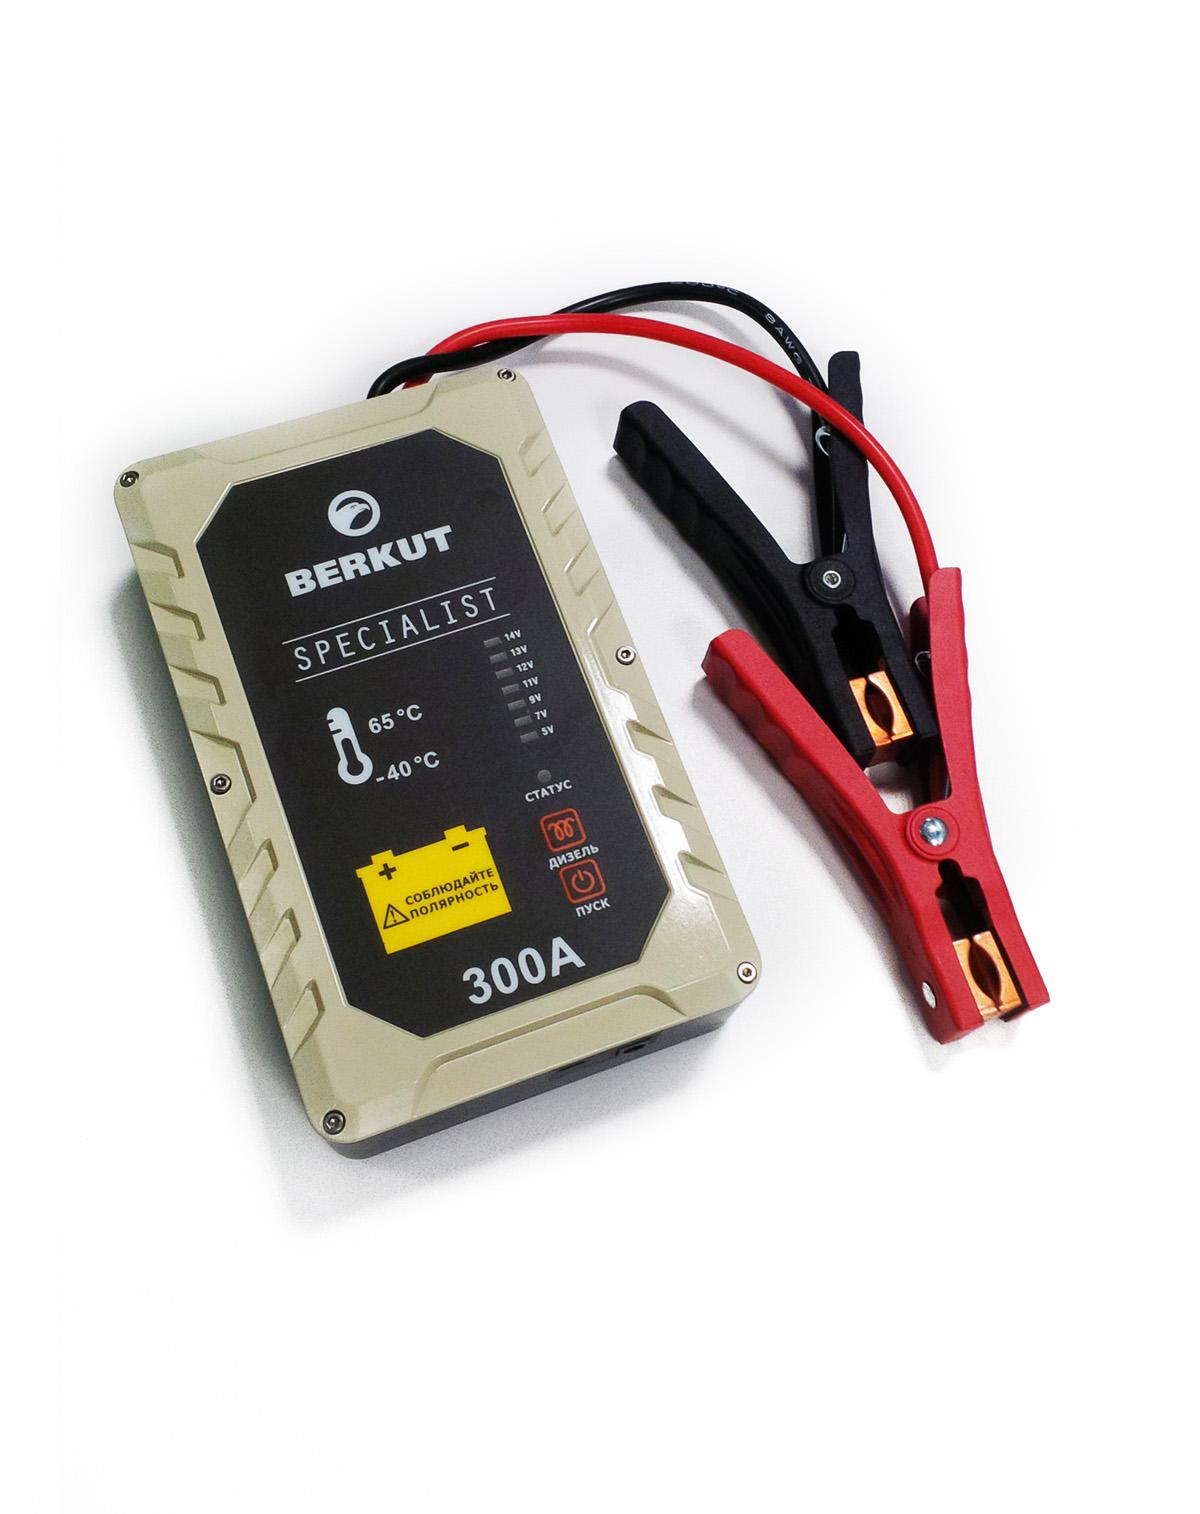 Пуско-зарядное устройство Berkut. JSC300JSC-300Это специальное пусковое автомобильное устройство конденсаторного типа предназначено для аварийного запуска двигателя транспортного средства в случае неисправной АКБ. Главным достоинством устройства, отличающим его от прочих аналогов, является отсутствие аккумуляторов. Вместо них применены электроконденсаторы сверхбольшой емкости (ионисторы). Применение конденсаторного накопителя заряда позволяет гарантированно запустить двигатель автомобиля как с основательно разряженной АКБ, причем даже в том случае, когда ее остаточная емкость составляет всего 5%, так и без аккумулятора с предварительной зарядкой от АКБ или розетки прикуривателя другого автомобиля, а также от зарядного устройства с разъемом микро USB. Пусковое устройство рекомендовано для любых типов транспортных средств с бензиновым двигателем до 3000 см.куб. и дизельным двигателем до 2500 см.куб и напряжением бортовой сети 12В. Технические характеристики:- Напряжение на клеммах: 12 В- Пусковой ток: 300 A- Тип конденсаторов: пусковые, импульсные- Время зарядки от АКБ: до 5 мин- Время зарядки от прикуривателя 12V: 15-20 мин- Время зарядки от Мини USB 5V: 2-3 часа- Количество попыток запуска при полной зарядке: не более одного пуска- Диапазон температур для запуска и хранения: -40 °C +65 °C- Вход Micro USB: 5В (2000 мА)- Вход для зарядки: 12В (10 А) Функциональные особенности:- Не требует подзарядки во время хранения- Готов к использованию вне зависимости от продолжительности хранения- Режим для запуска двигателя автомобиля без аккумулятора- Специальный режим запуска дизеля с предварительным прогревом свечей- Встроенный вольтметр для определения напряжение аккумулятора автомобиля- Отсутствие падение емкости заряда с понижением температур- Нет снижения емкости заряда связанные со старением устройства- Защита от переполюсовки (неправильной полярности)- Защита от короткого замыкания- Цикл заряд/разряд до 10 000 раз- Срок годности - более 10 лет